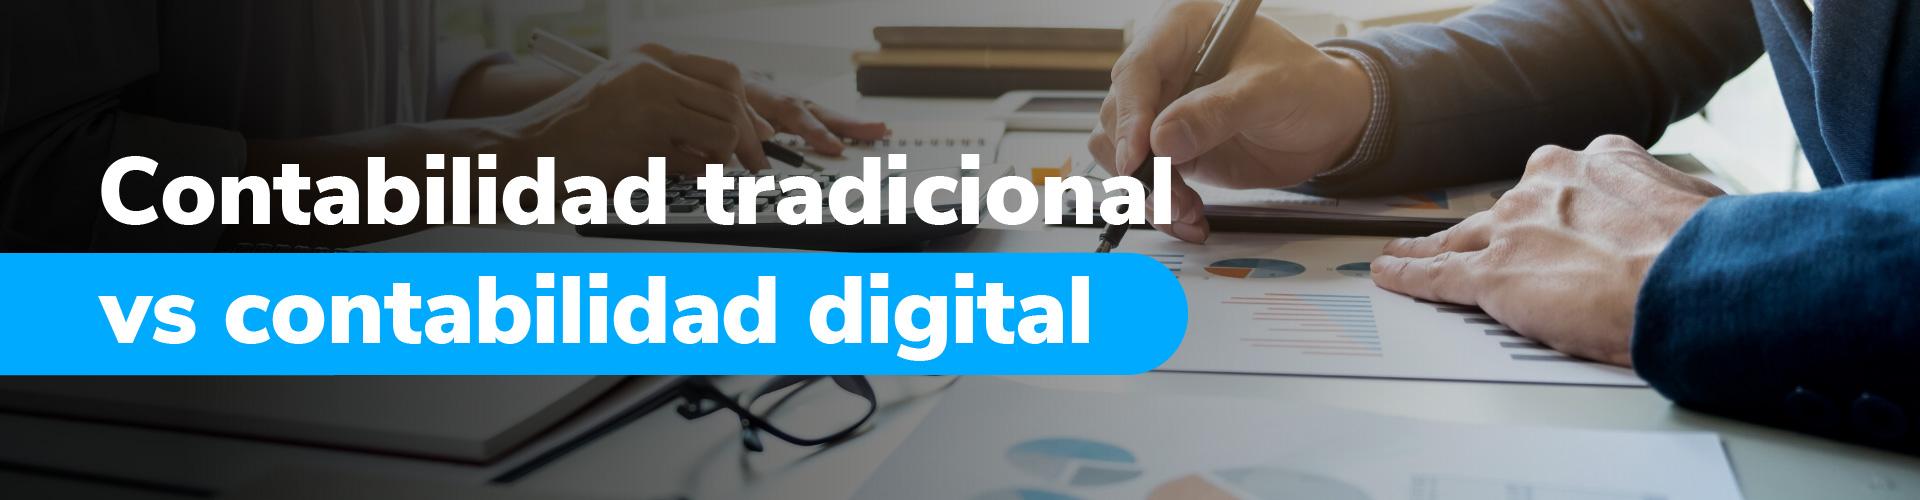 contabilidad tradicional vs contabilidad digital